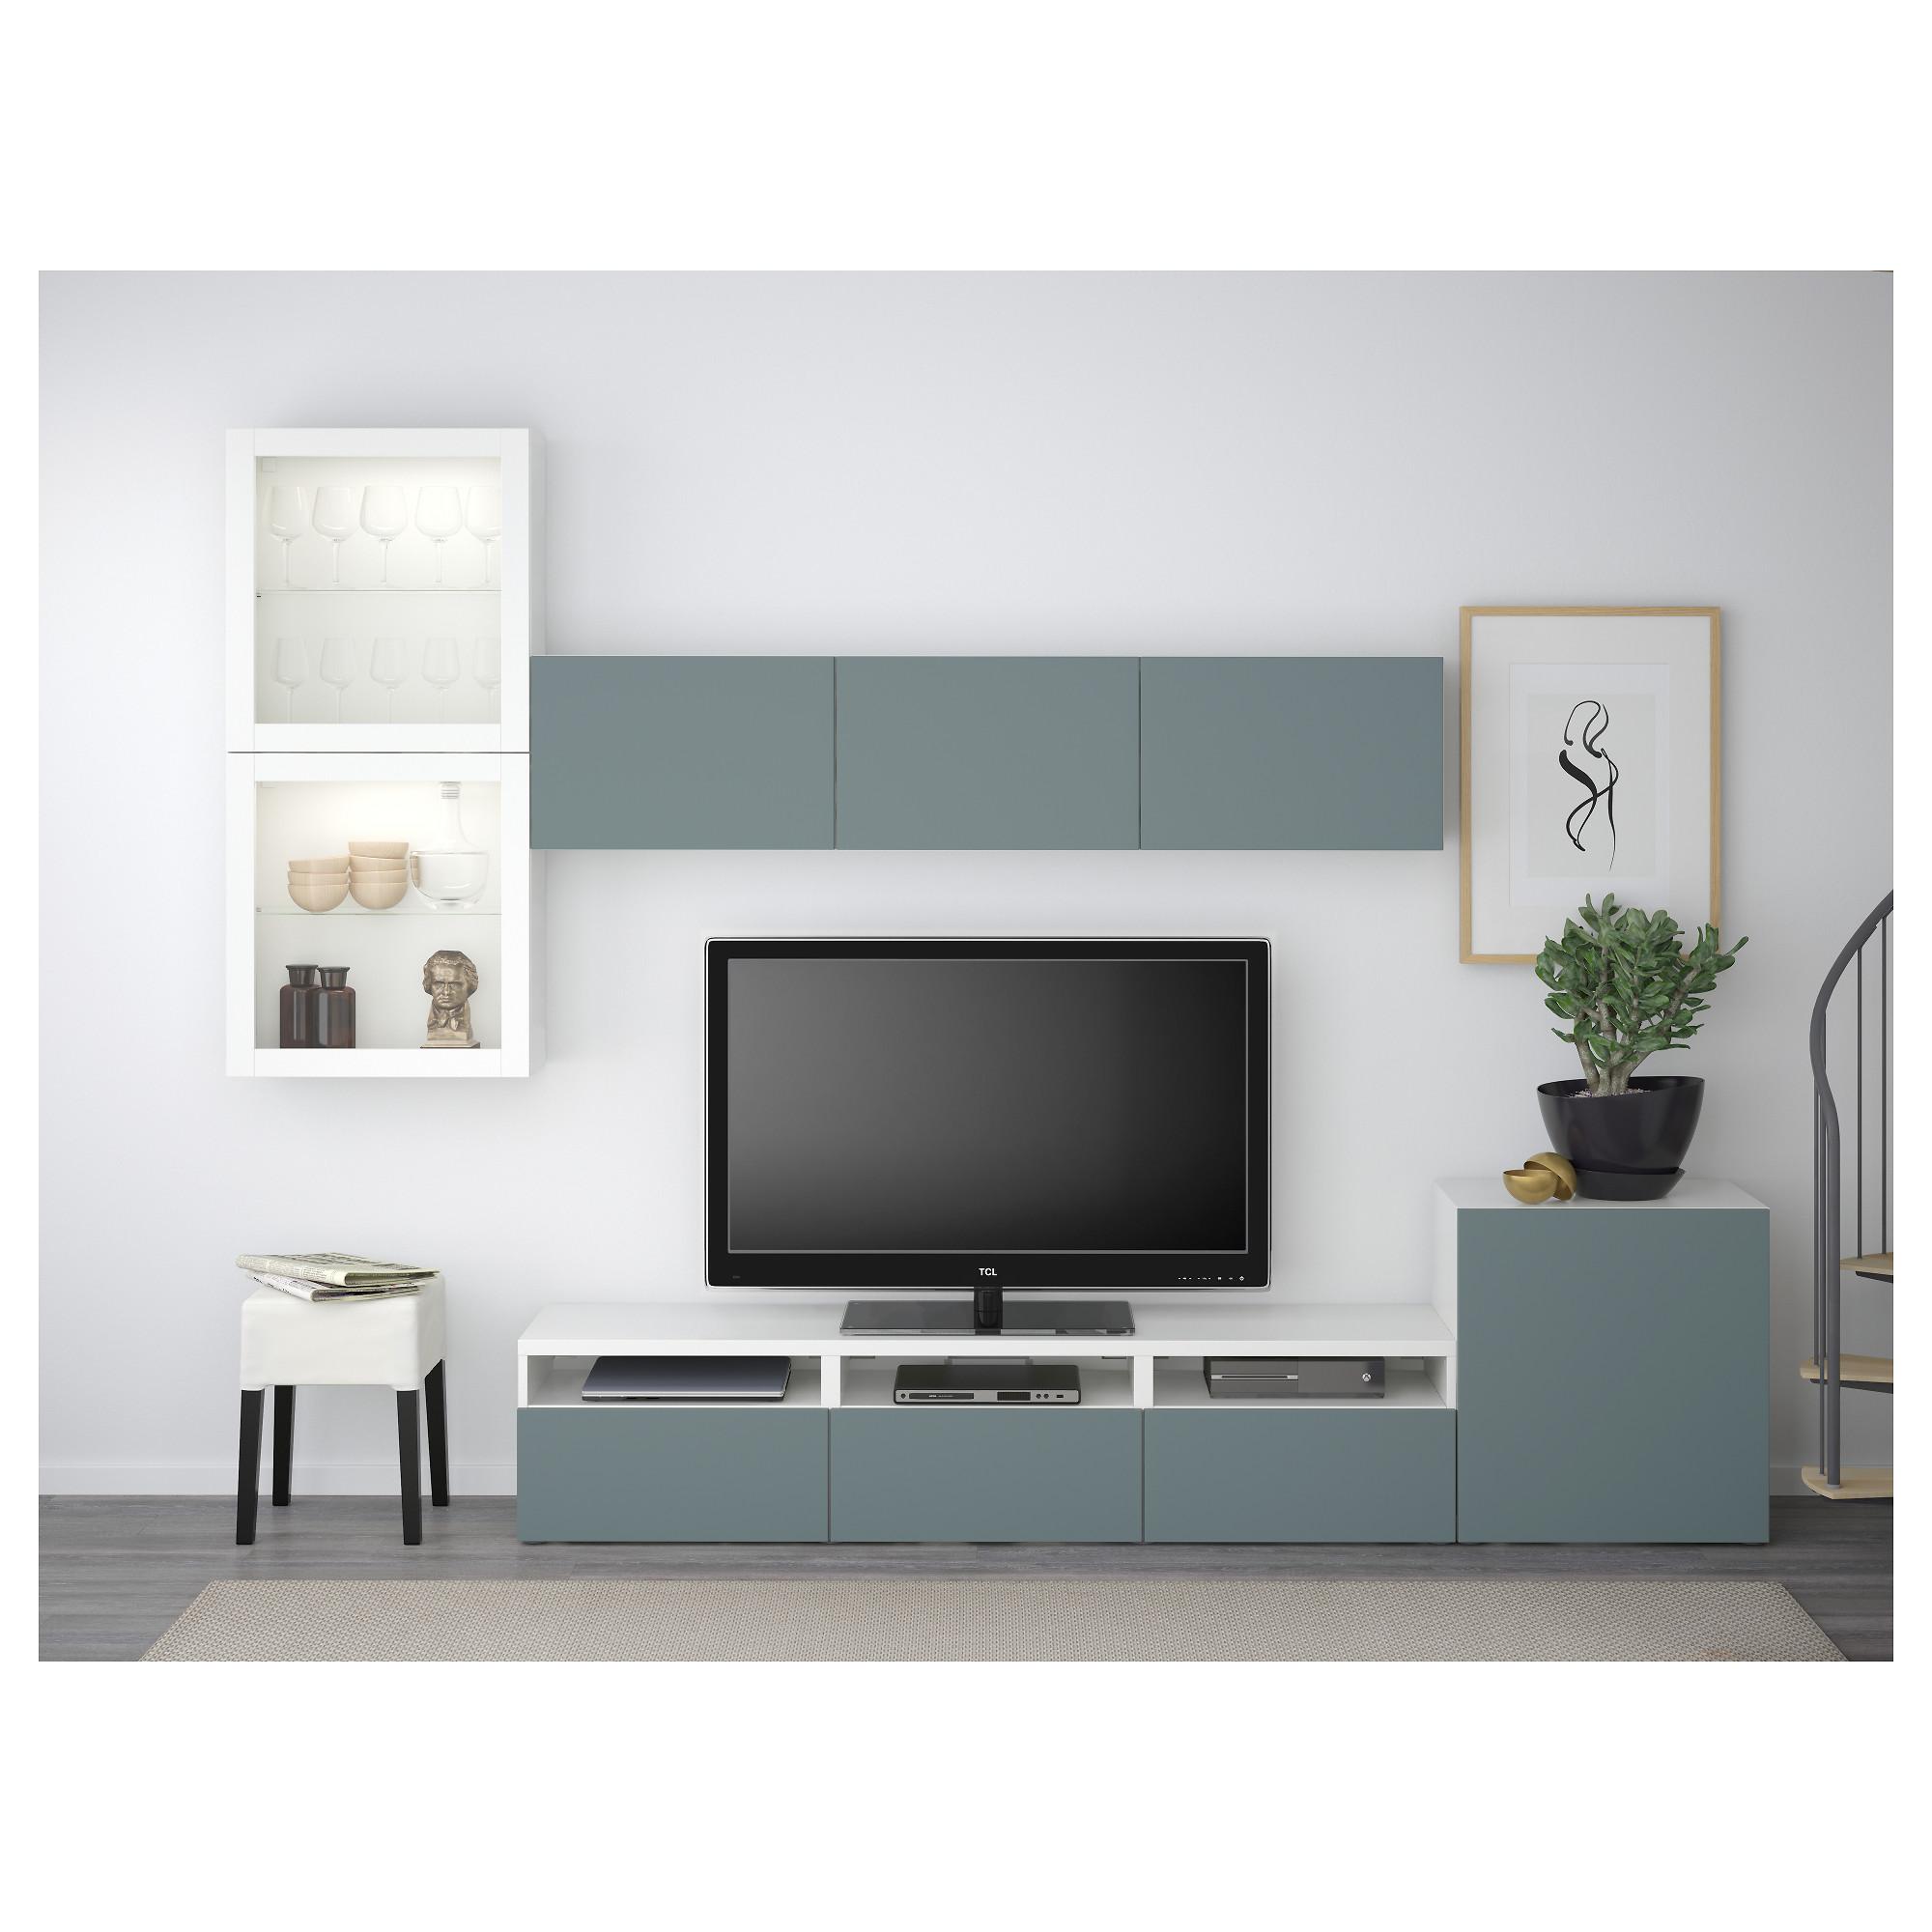 Шкаф для ТВ, комбинированный, стекляные дверцы БЕСТО белый артикуль № 492.522.18 в наличии. Online магазин IKEA Беларусь. Недорогая доставка и монтаж.